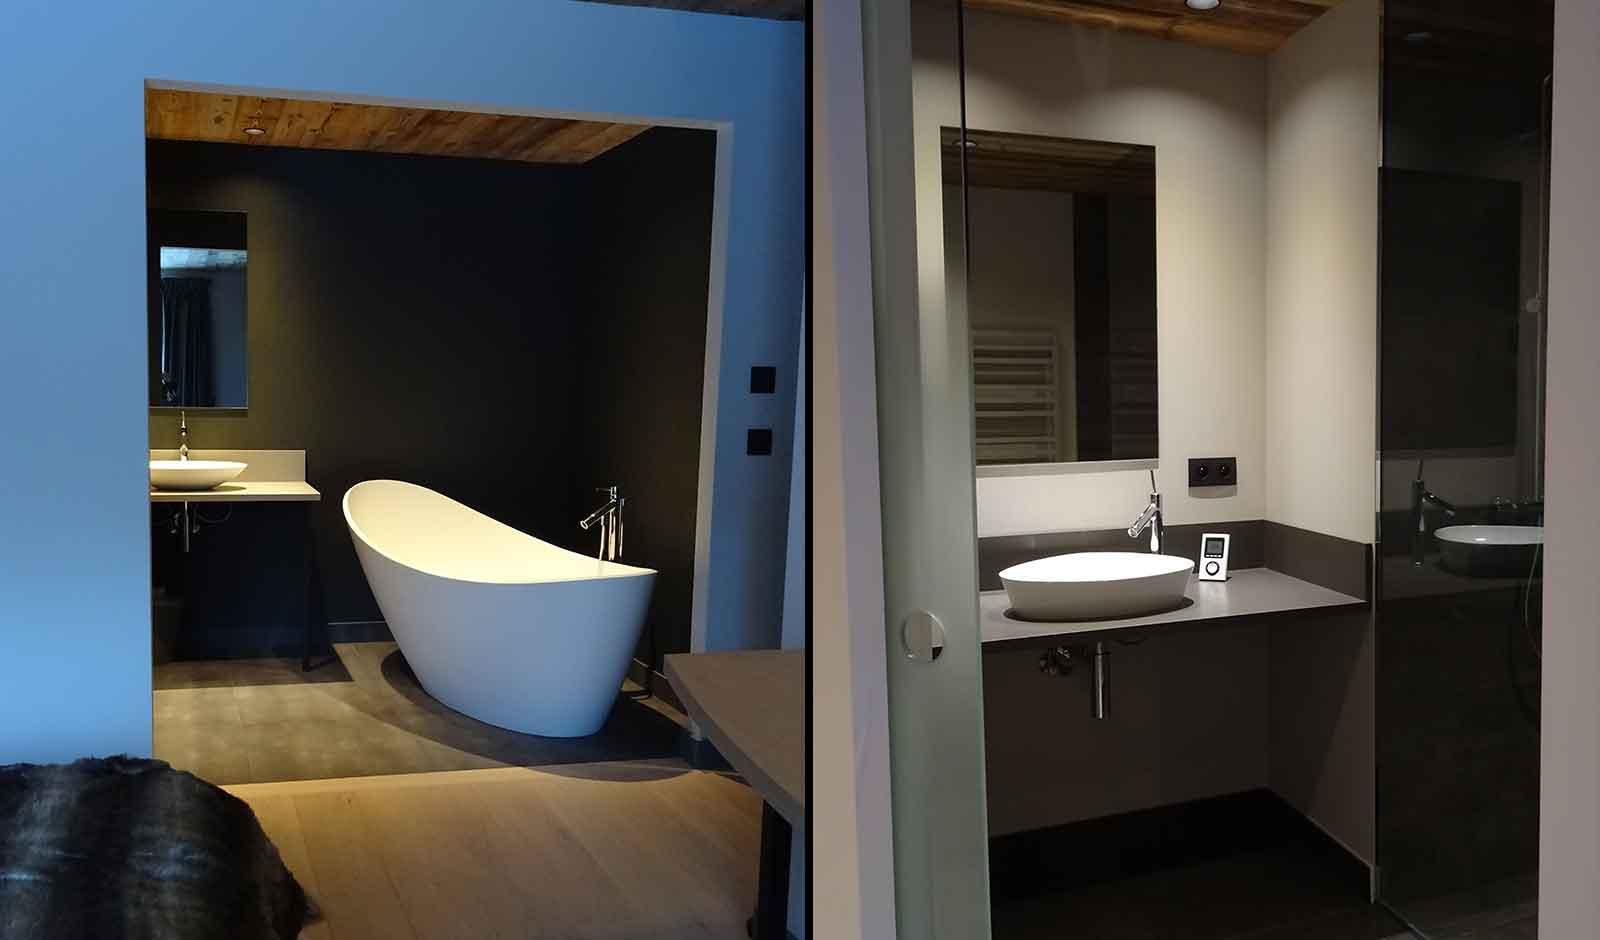 chalet-charlie-10-atelier-crea-and-co-architecte-design-project-manager-meribel-savoie